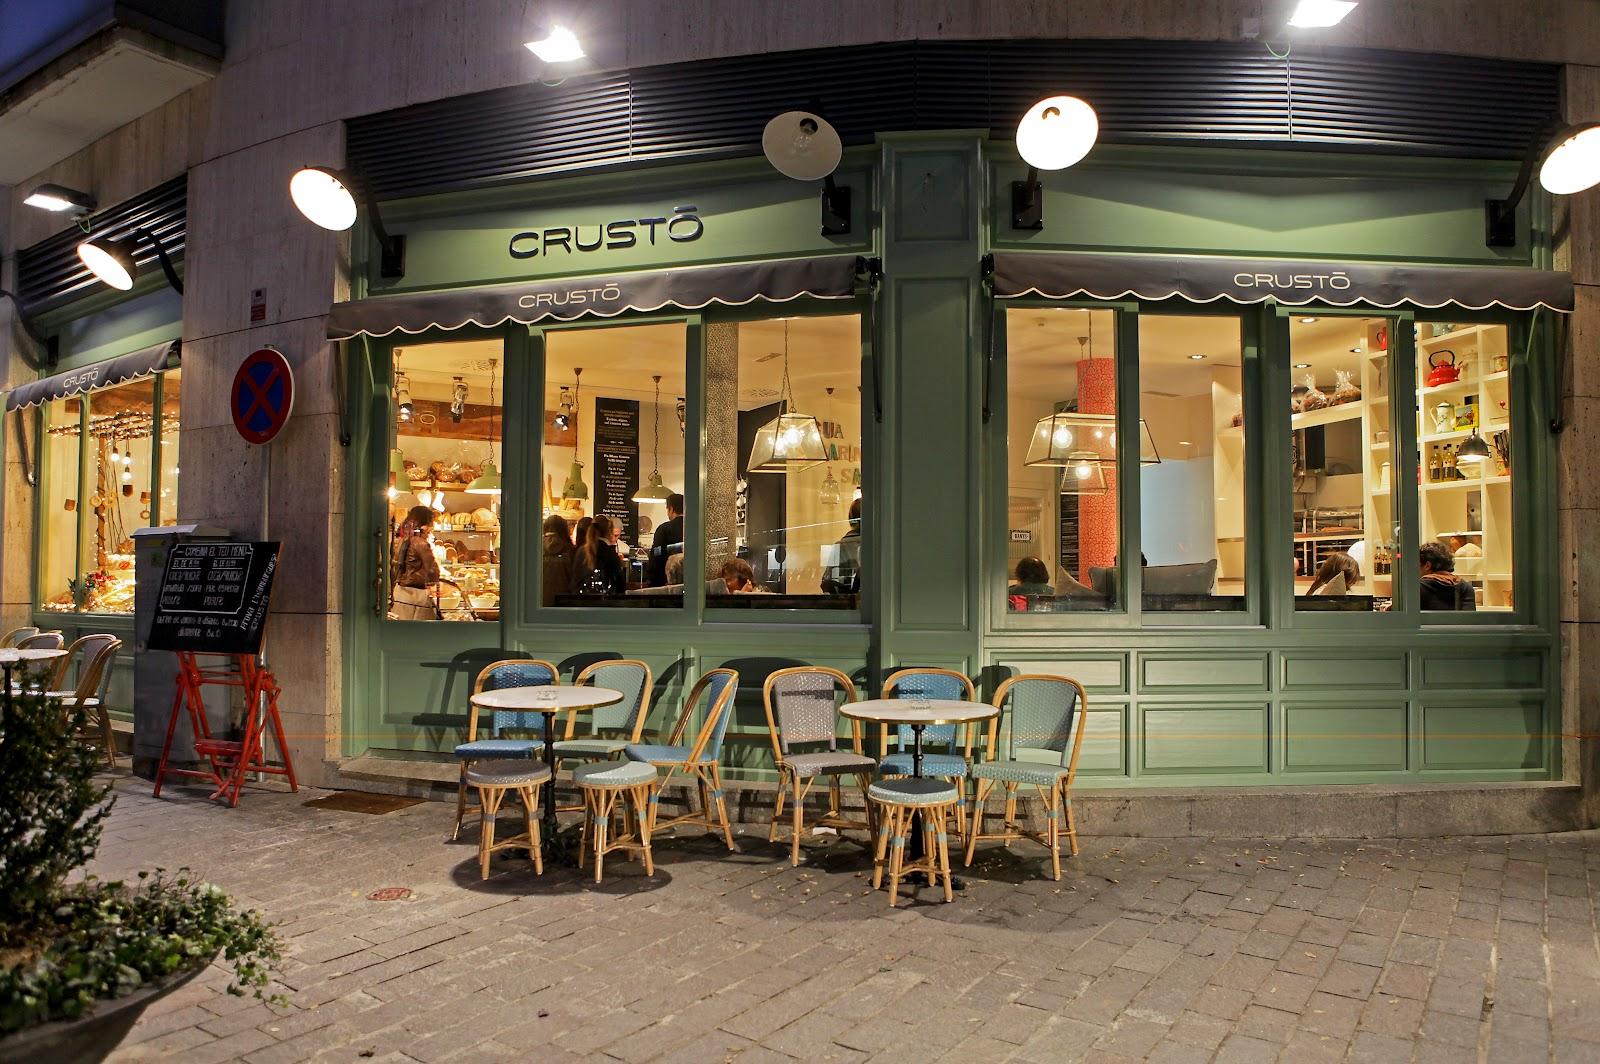 De caf s t s delicatessen lifestyle sweet and greta - Muebles sant cugat ...